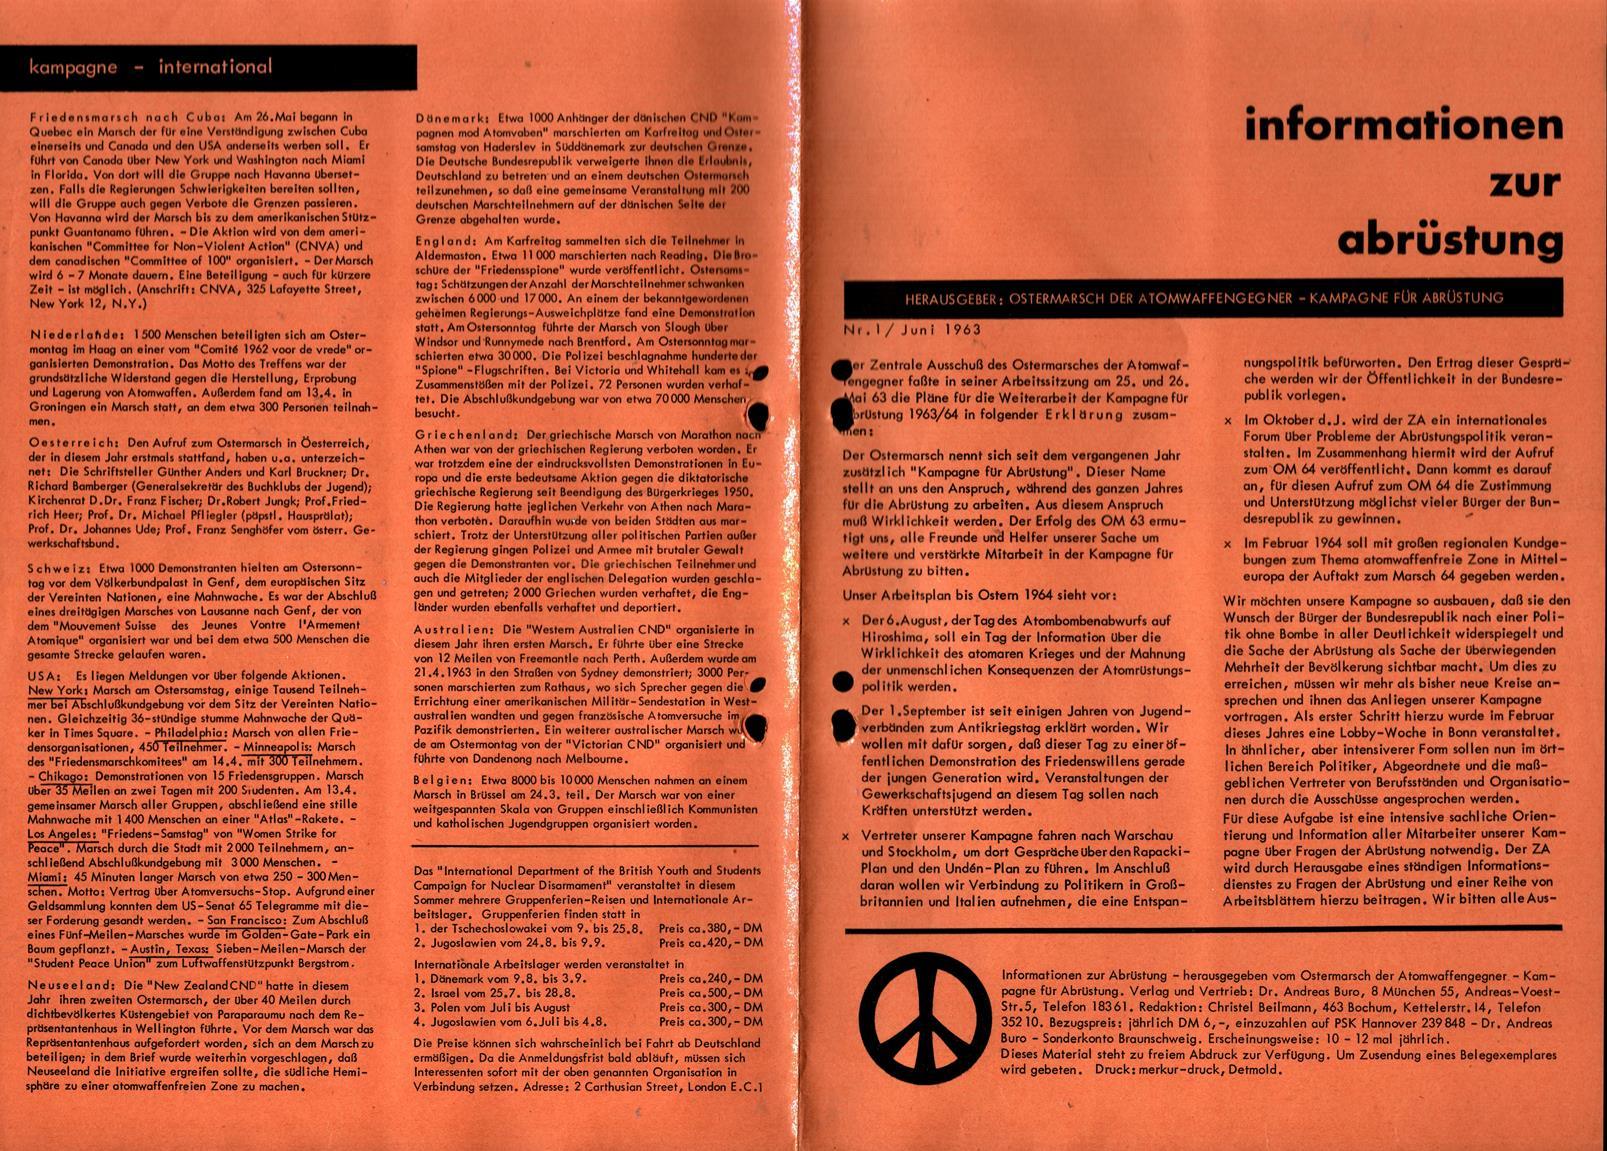 Infos_zur_Abruestung_1963_001_001